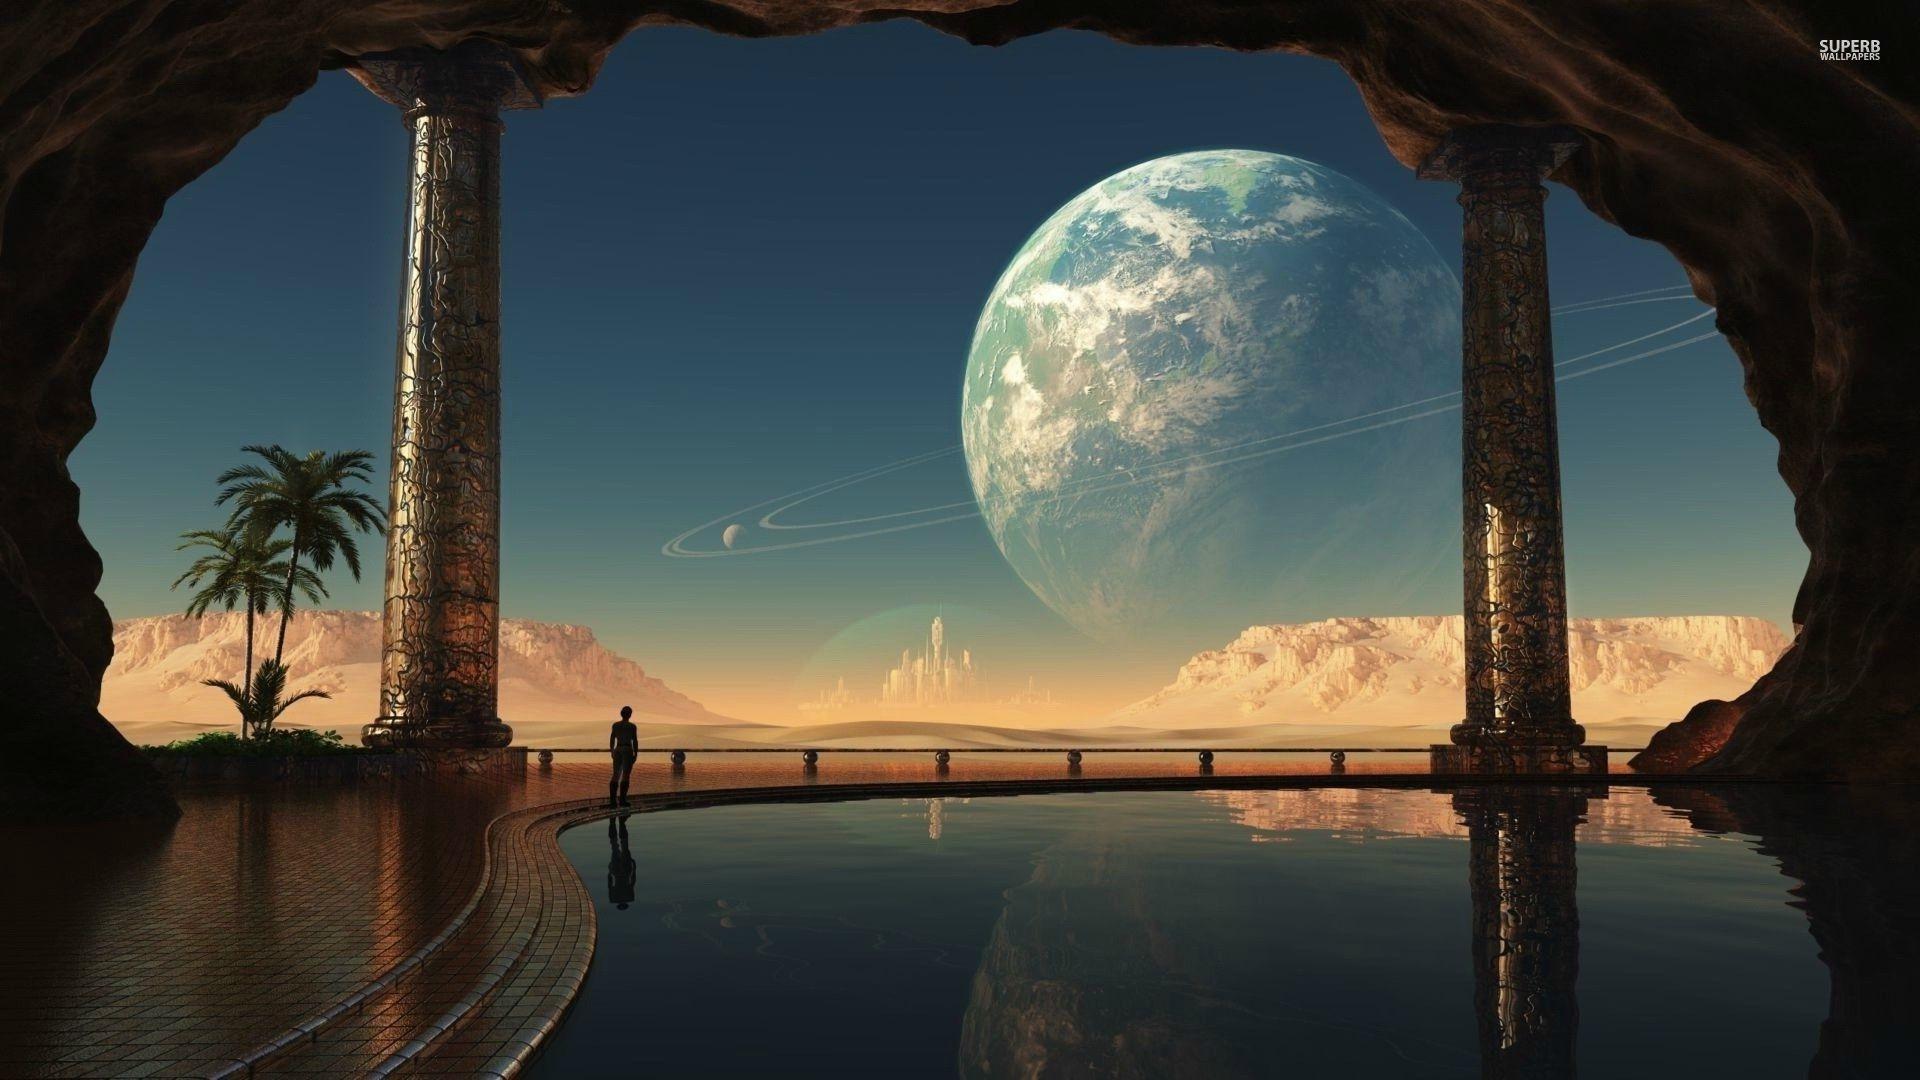 castle-on-the-alien-planet-wallpaper-112